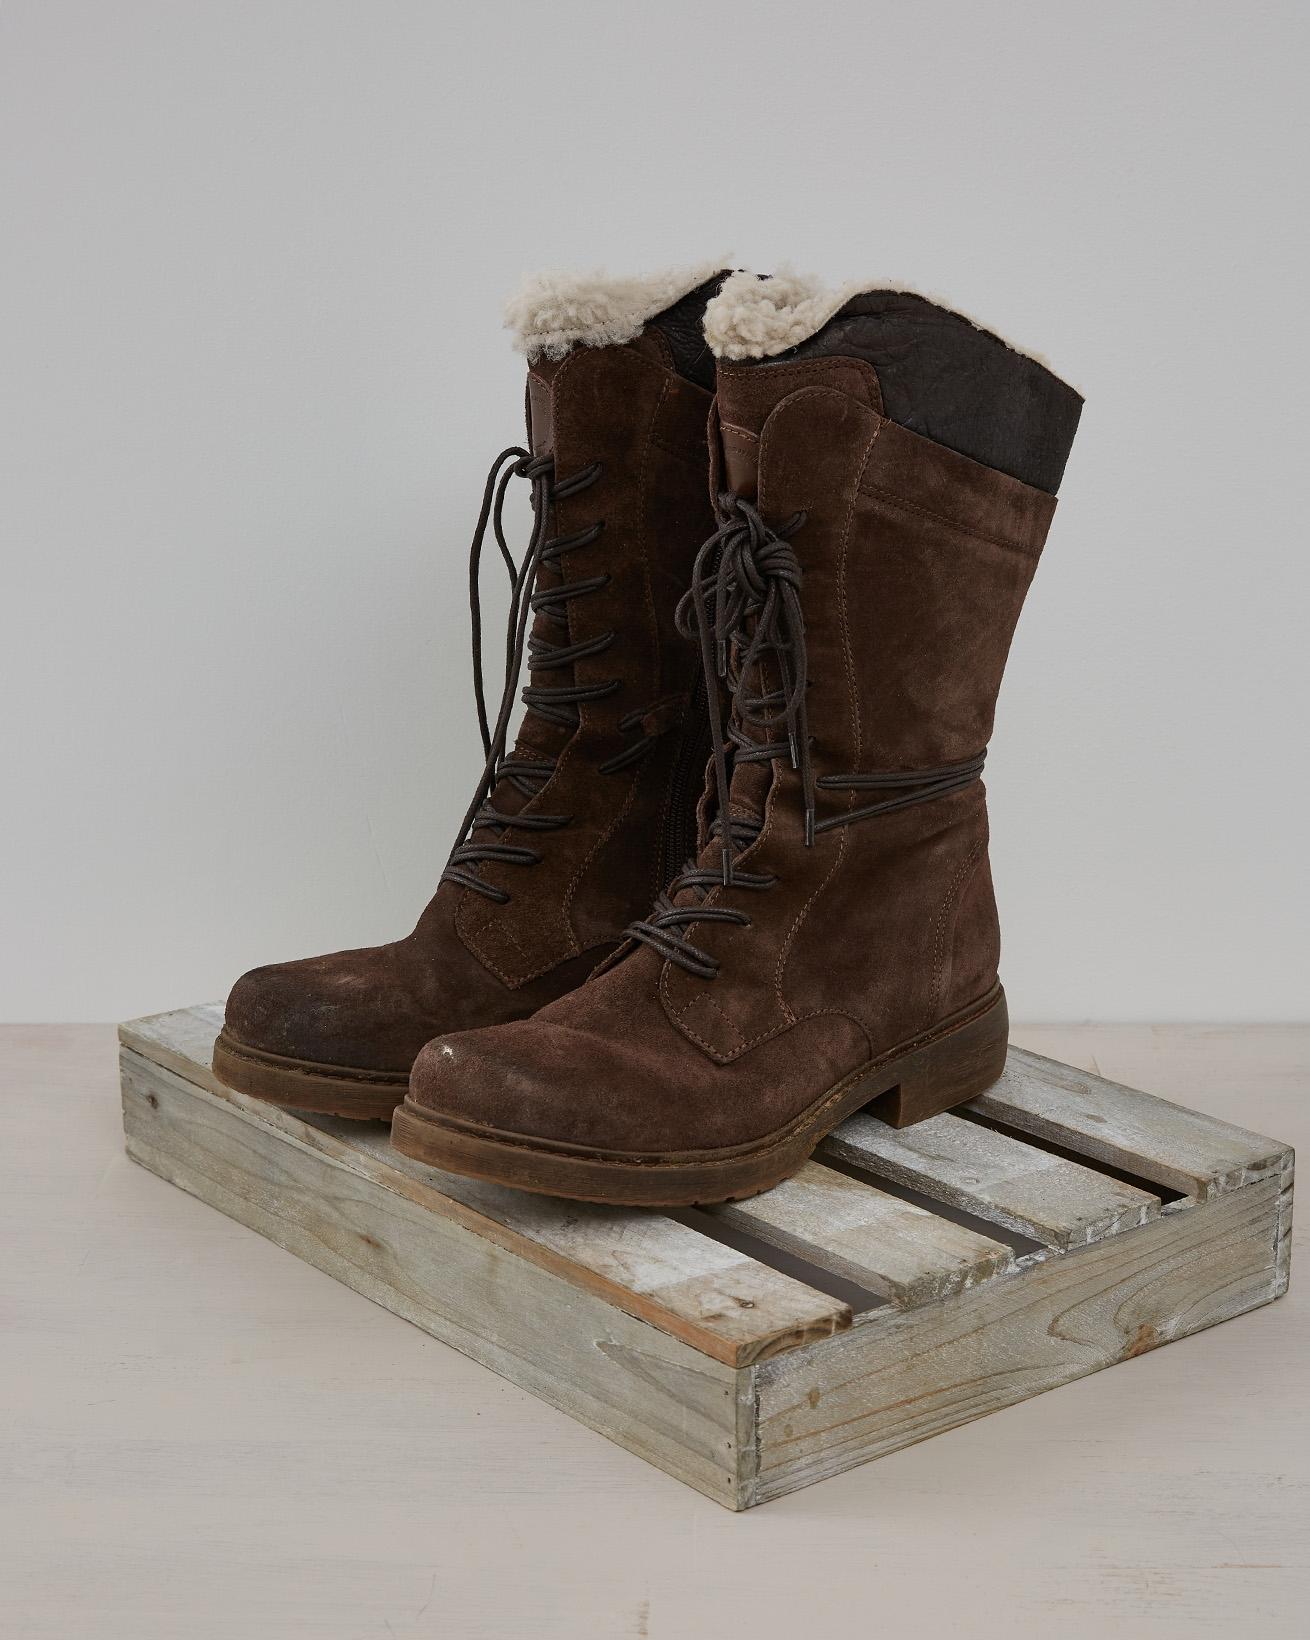 Woodsman - Brown - Size 38 - 2576